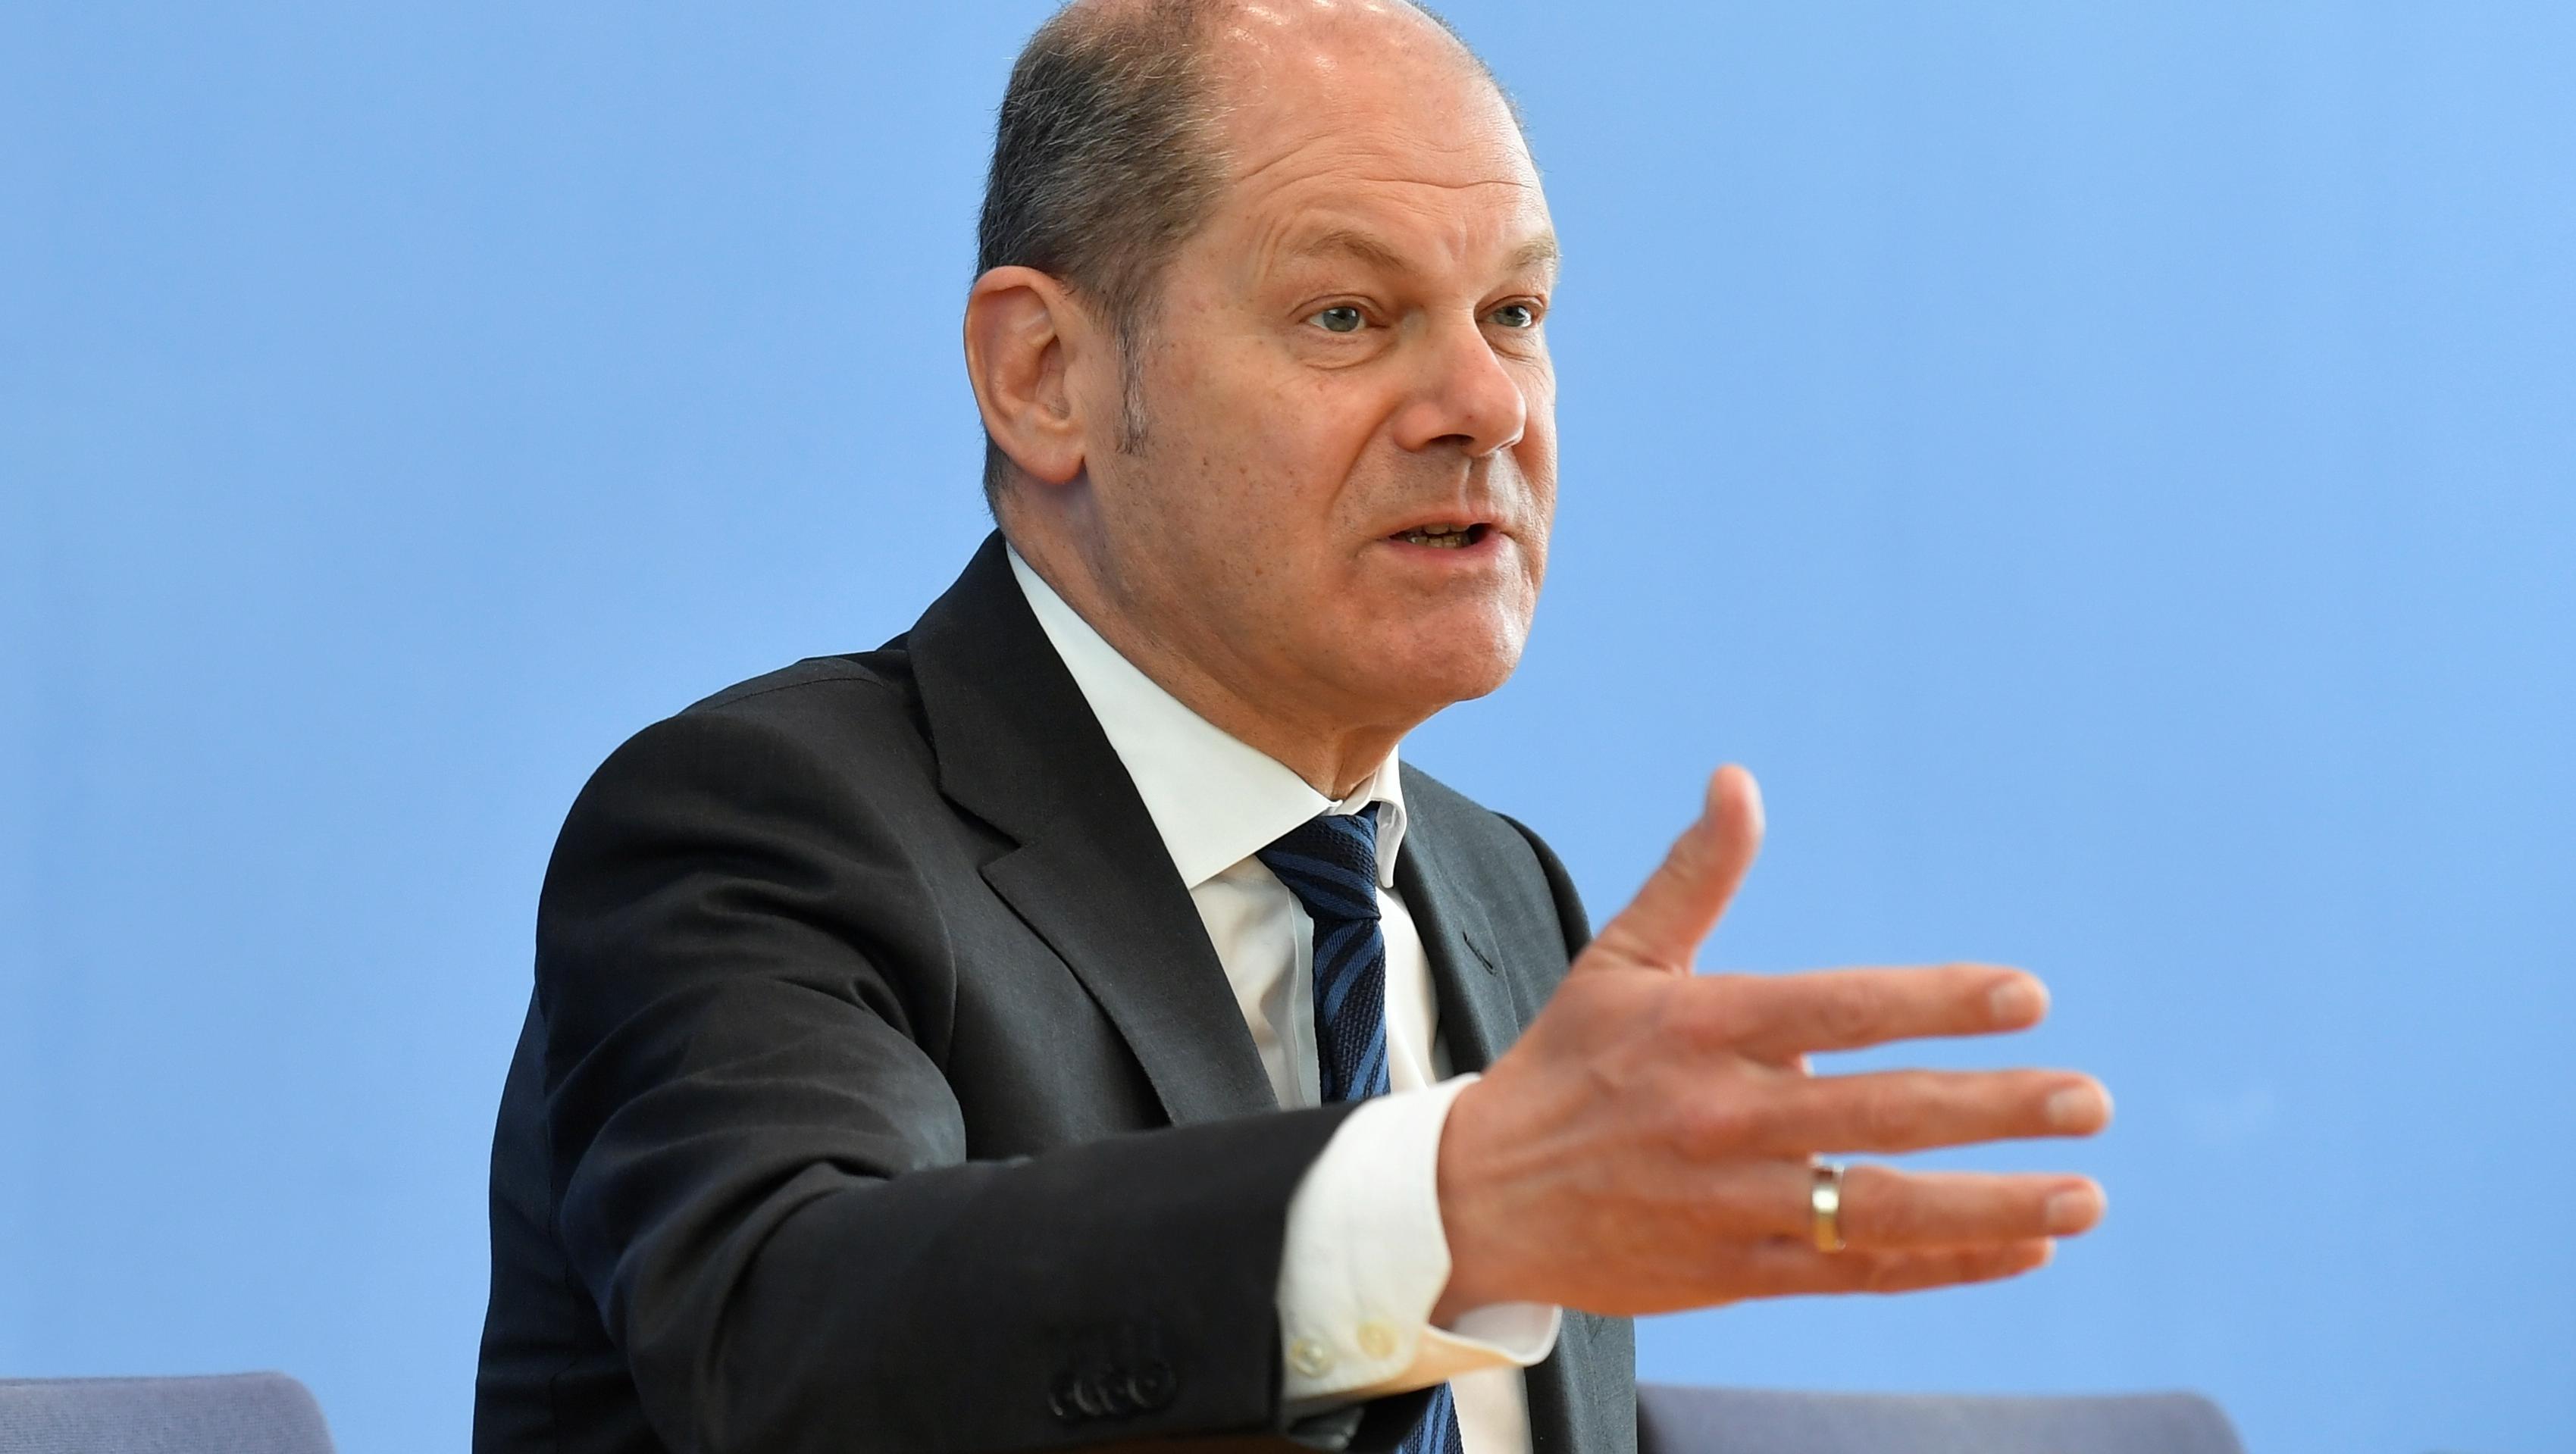 Hilfe für Italien: Euro-Bonds spalten die Eurozone